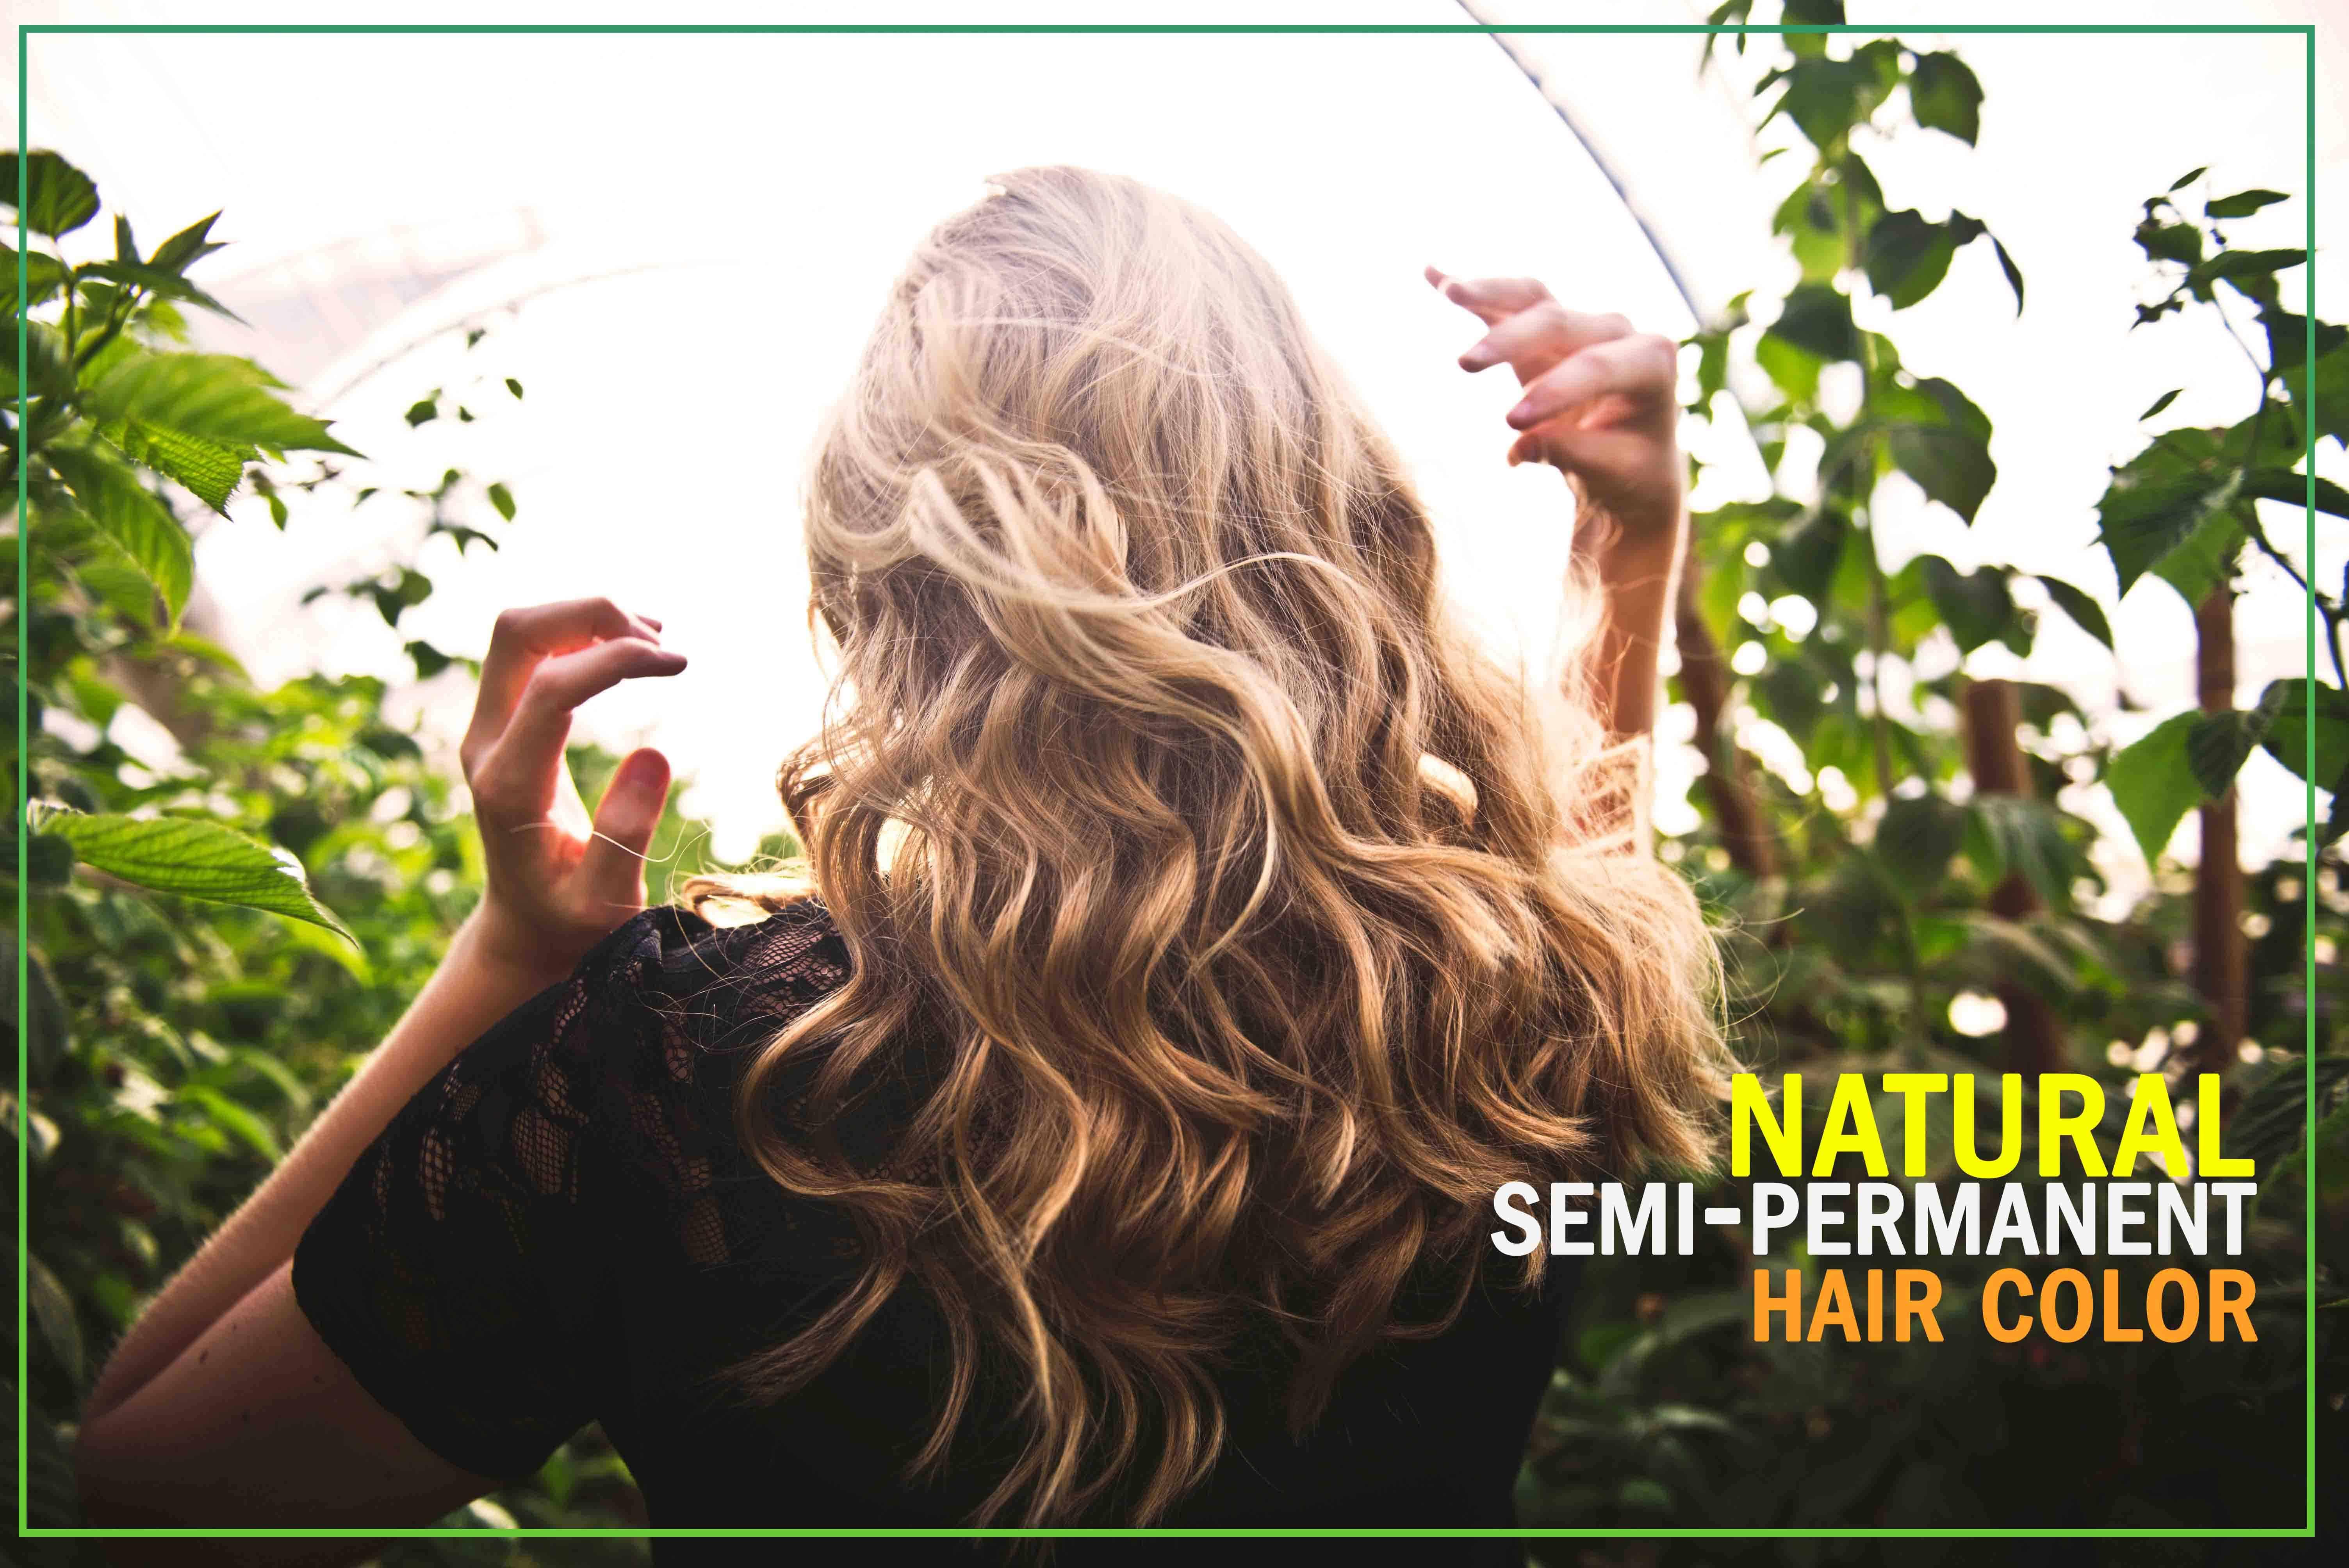 Natural semi-permanent hair color